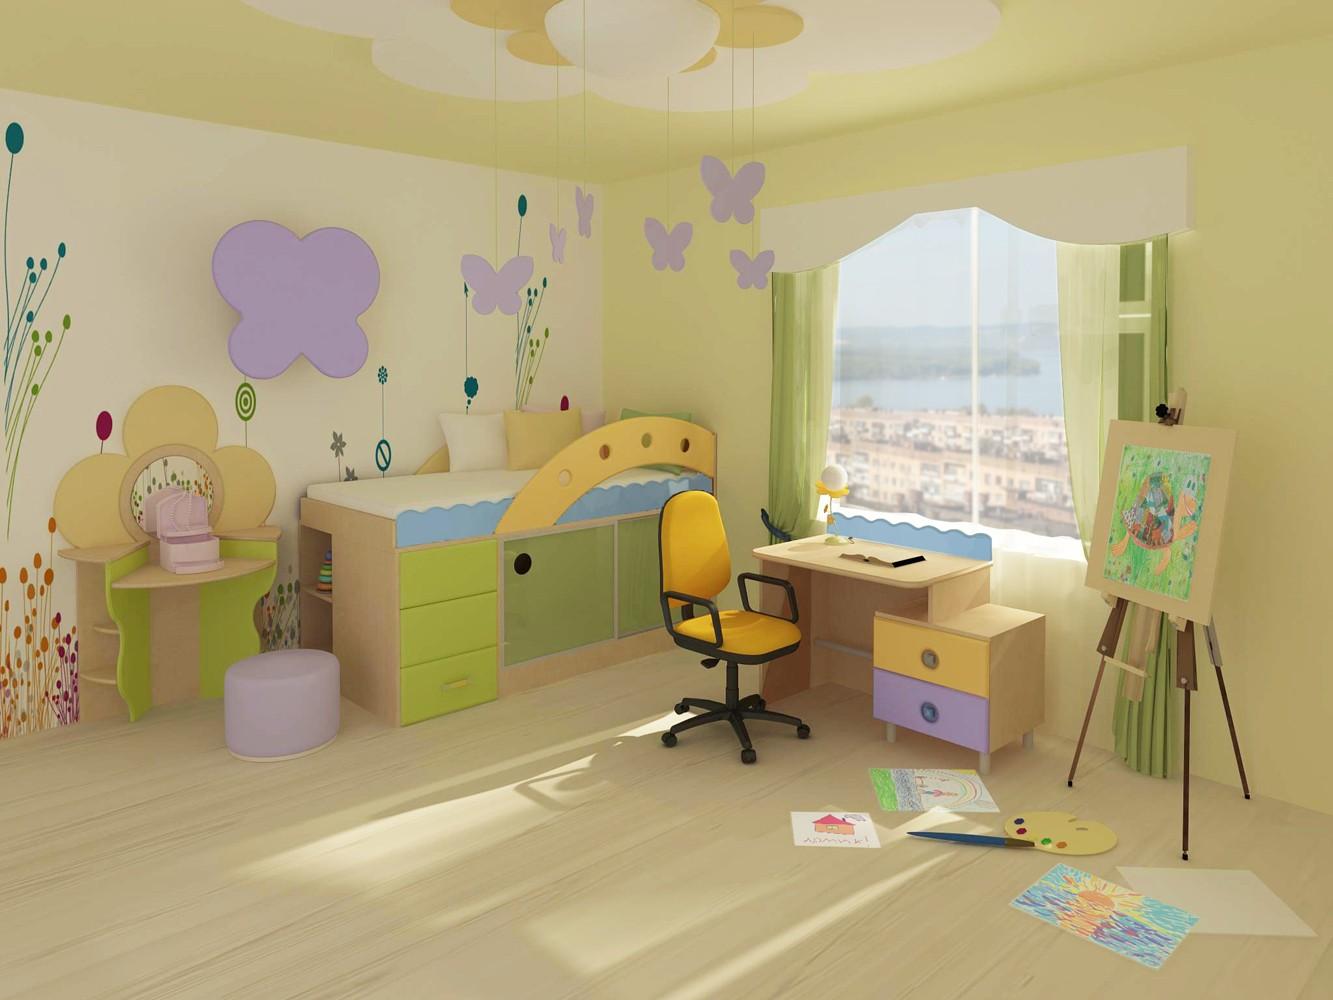 Выбираем мебель для детской комнаты: варианты для мальчиков и девочек